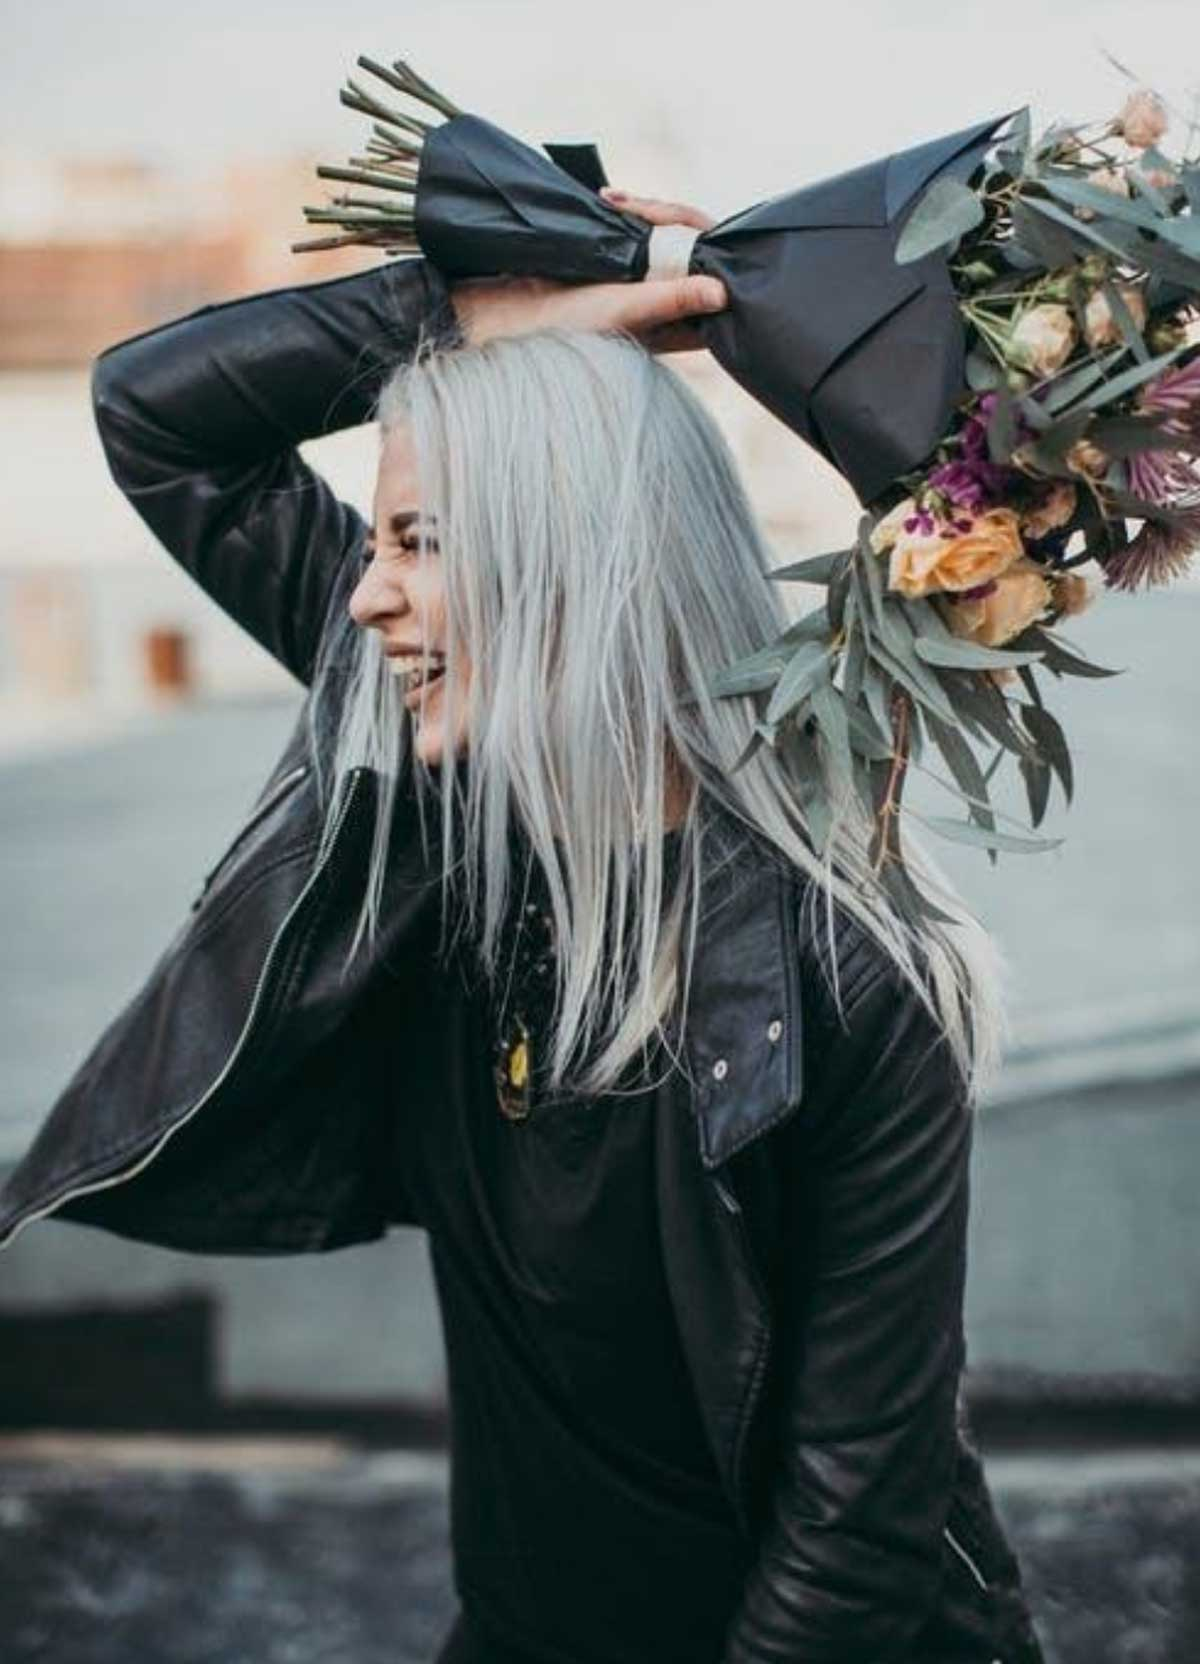 Hairs turn gray